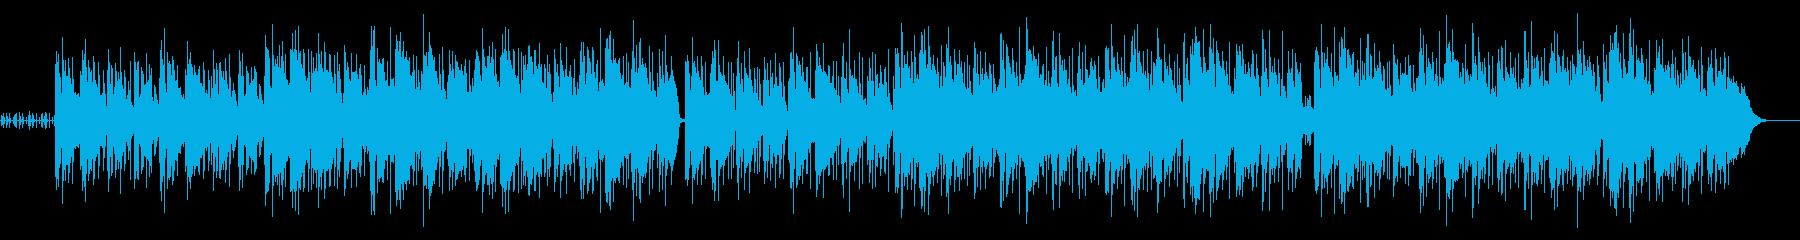 Lofi ビートゆったりしたピアノ の再生済みの波形